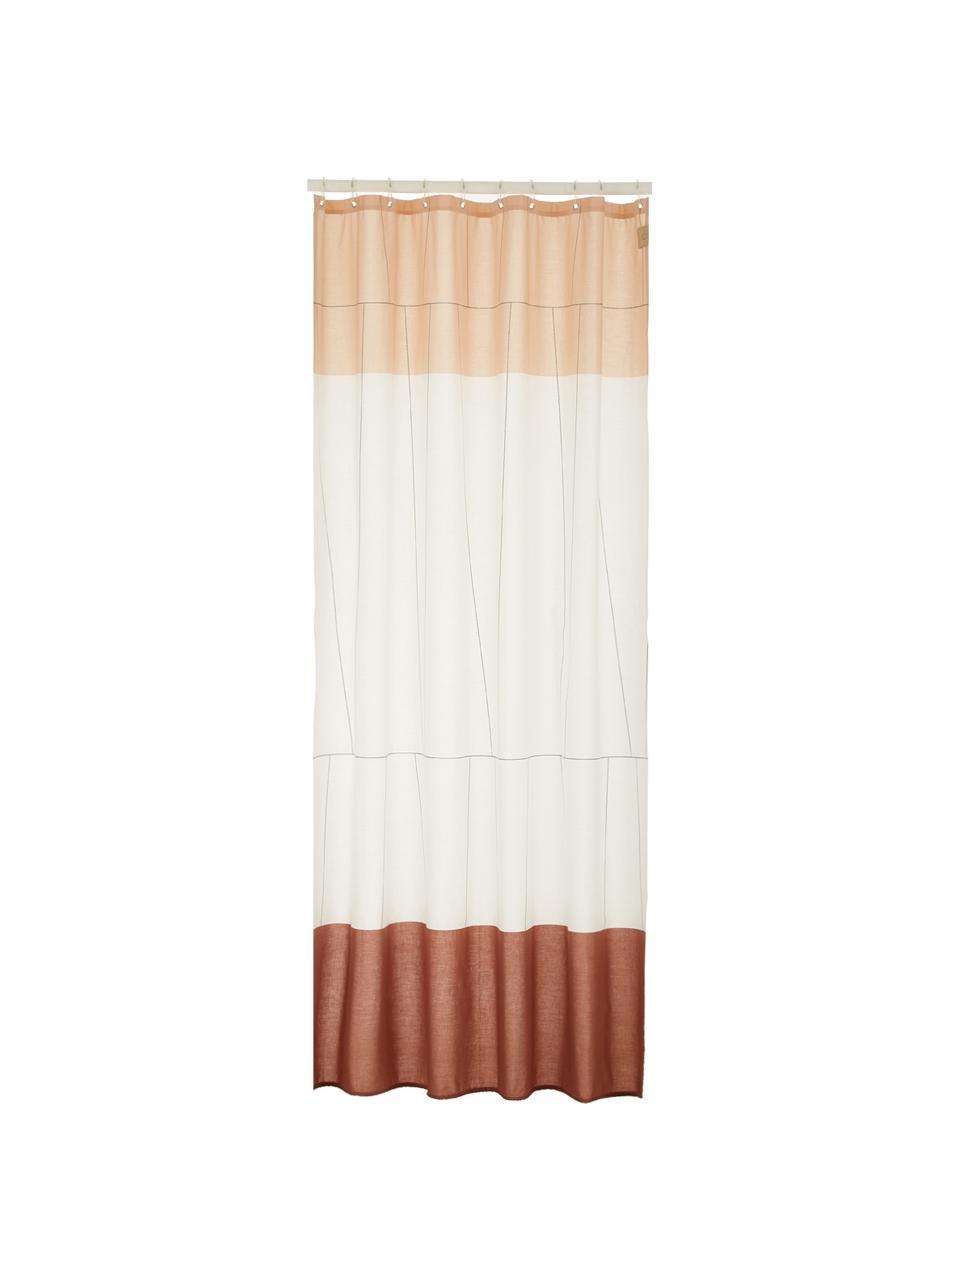 Petit rideau de douche en coton bicolore Verdi, Tons rouges, blanc